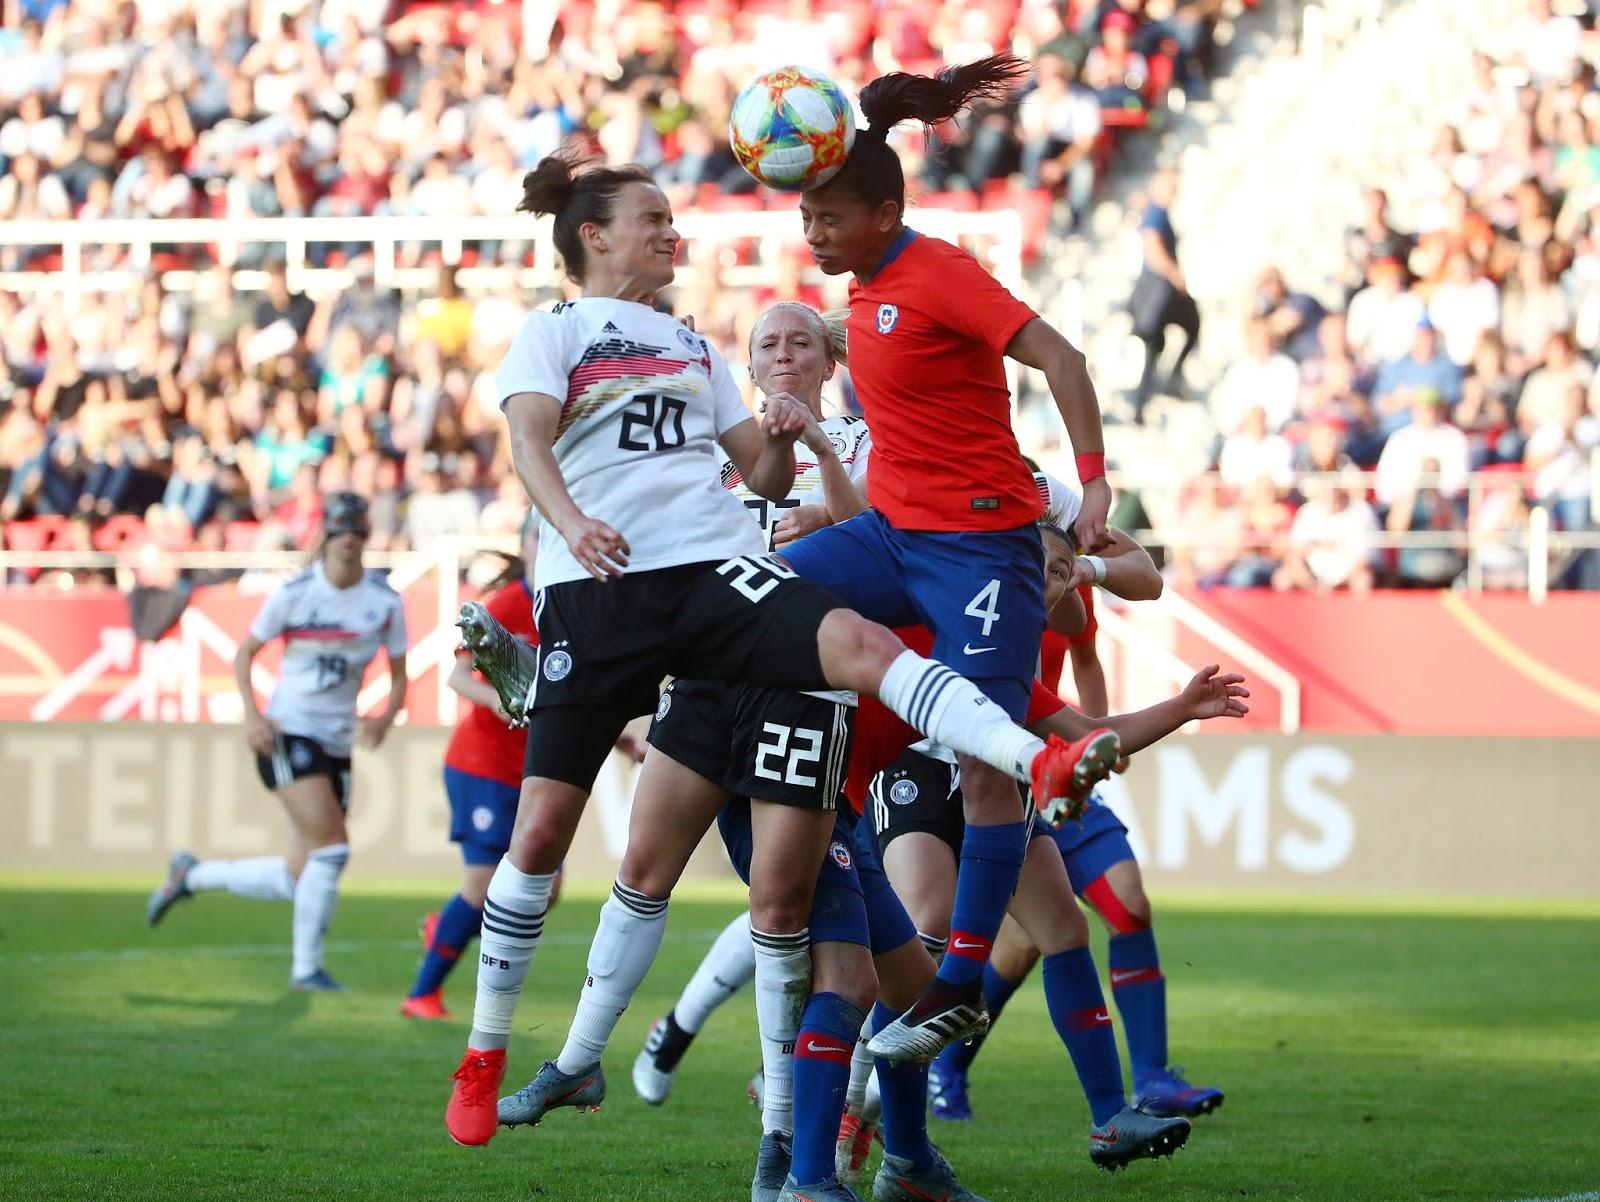 Alemania y Chile en partido amistoso femenino, 30 de mayo de 2019